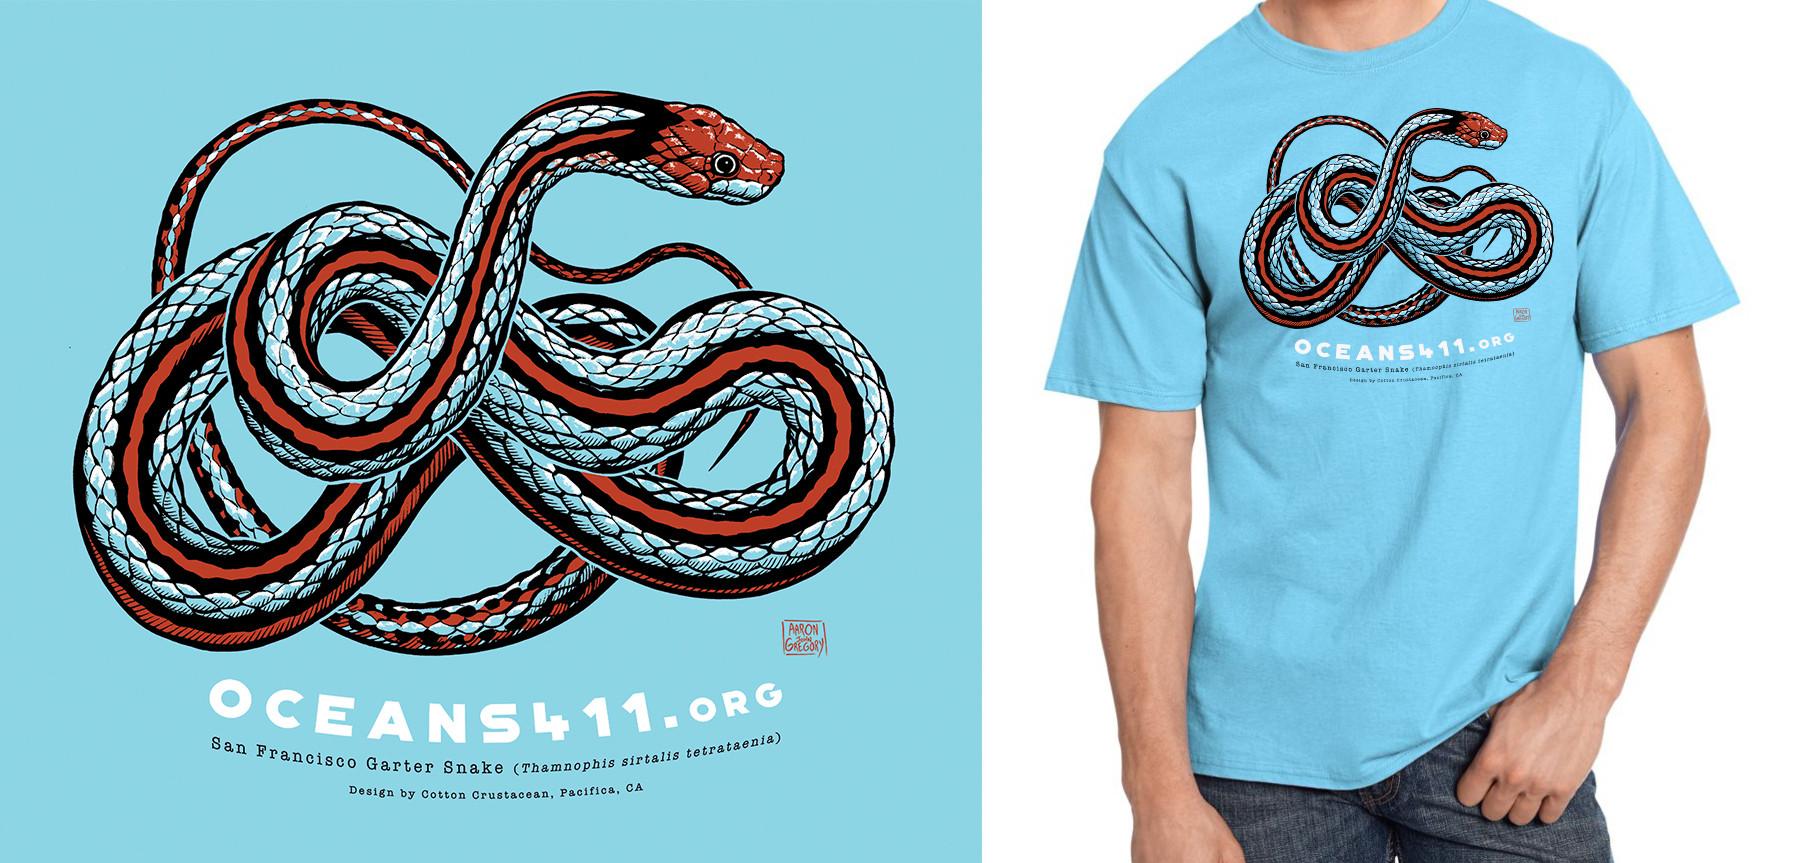 Oceans411.org - San Francisco Garter Snake